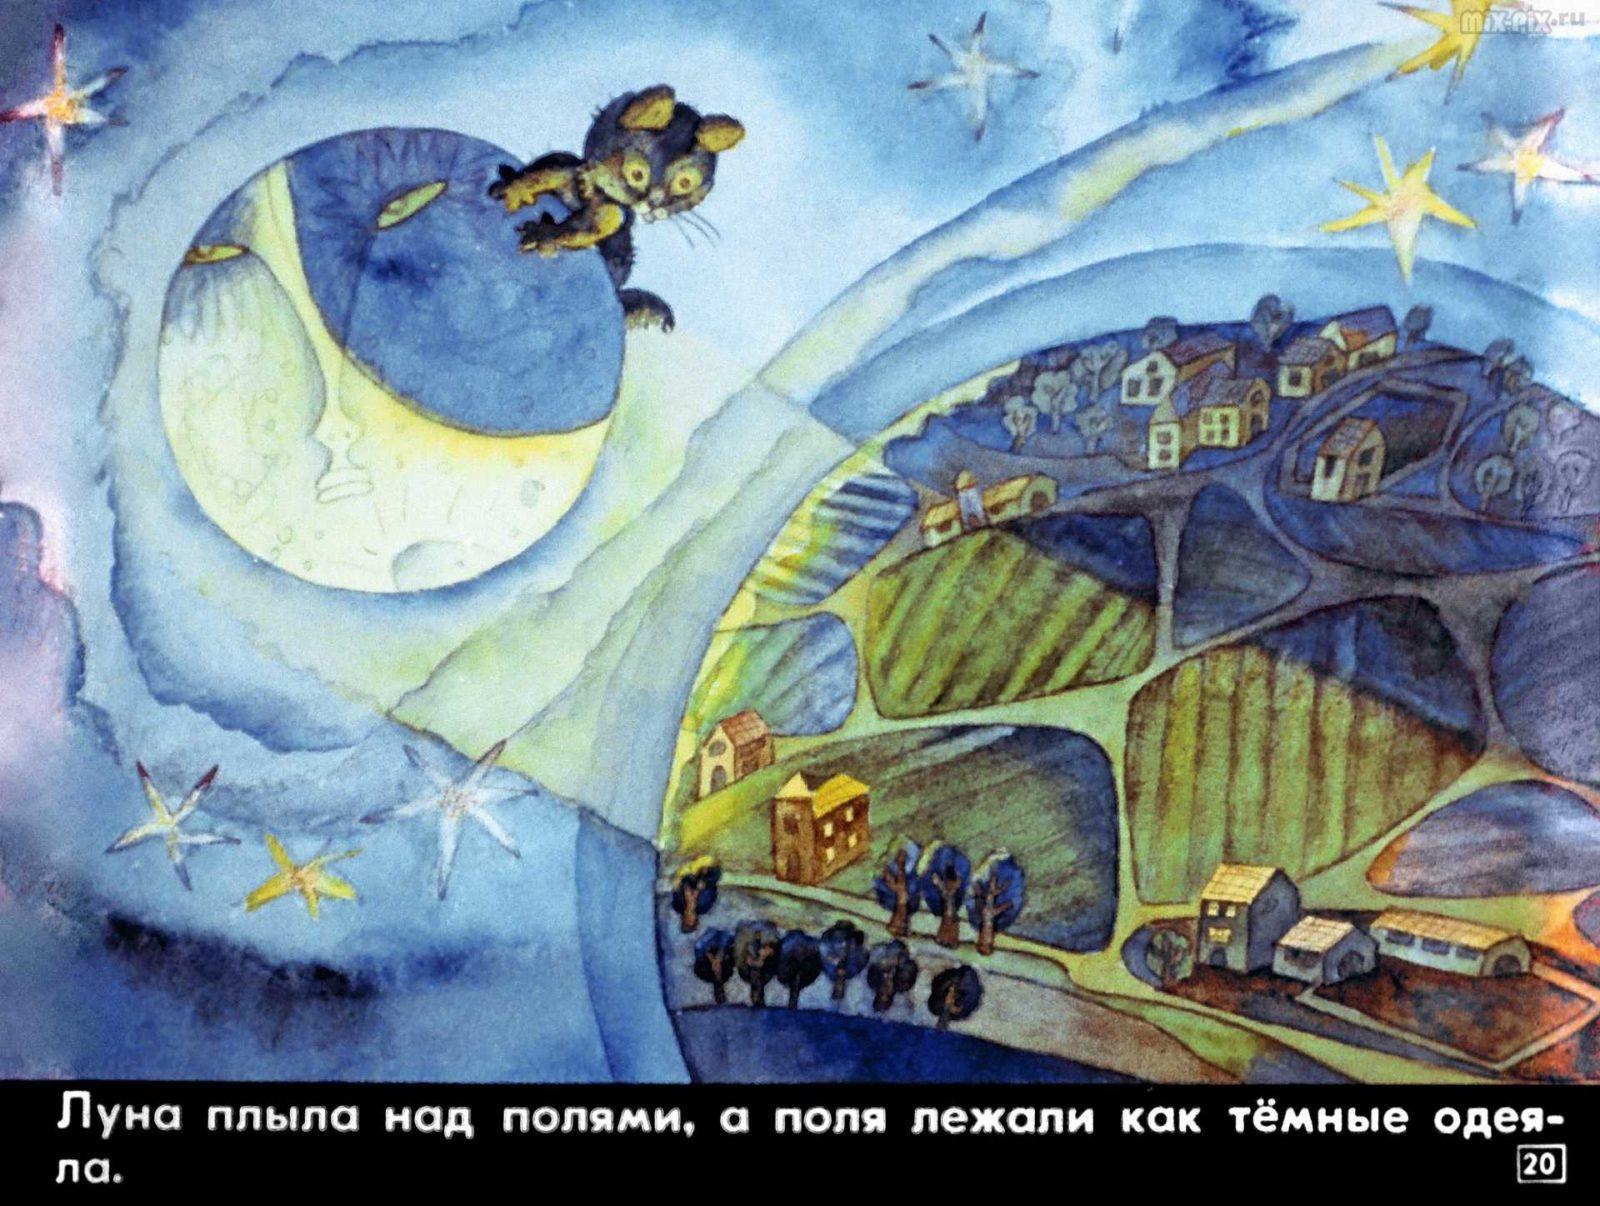 Сказка про лунный свет (1991) 38